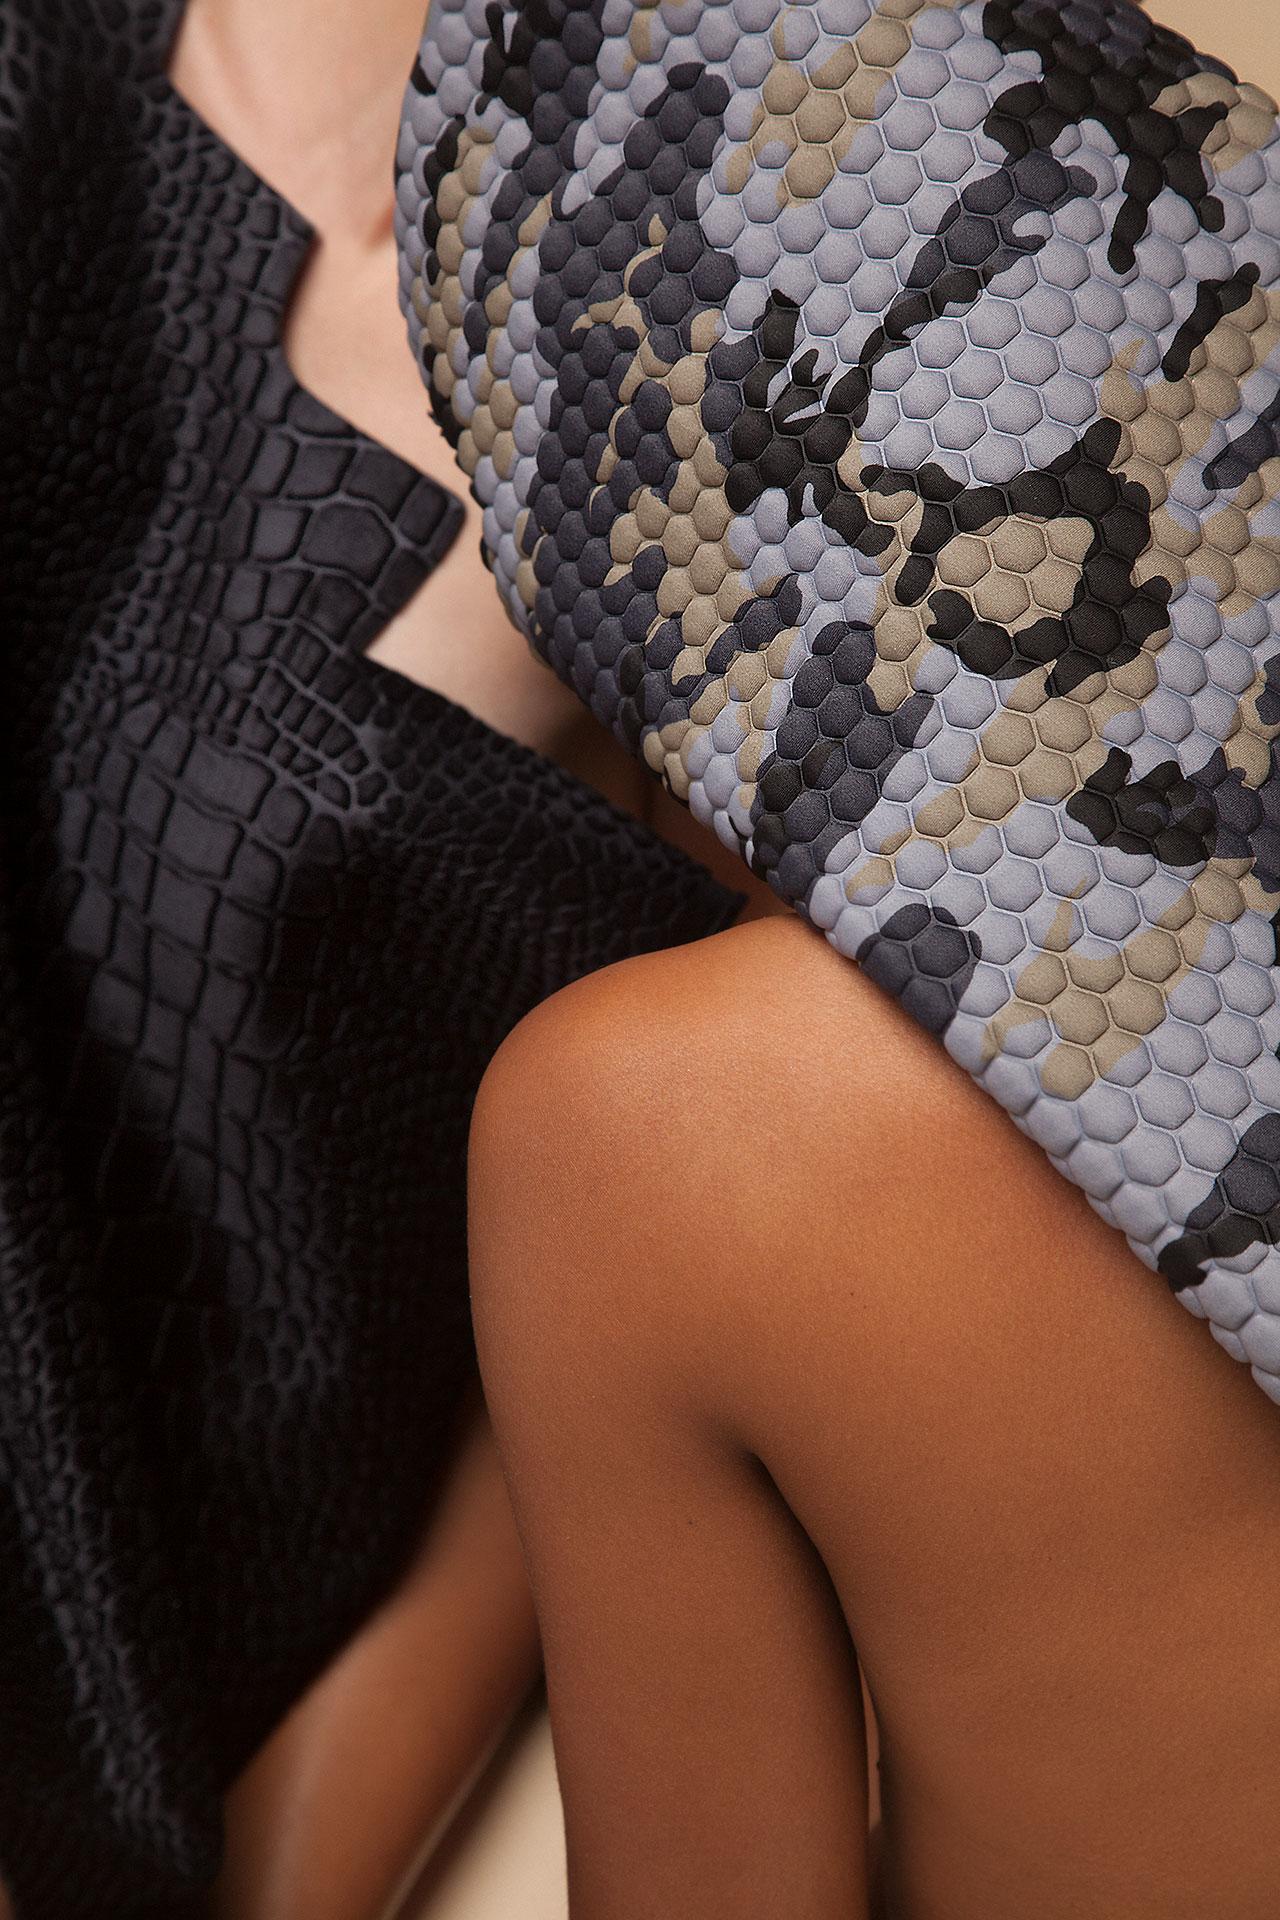 Itar - Termoformati per tessuti di alta qualità, con regolarità delle forme e assenza di cuciture.